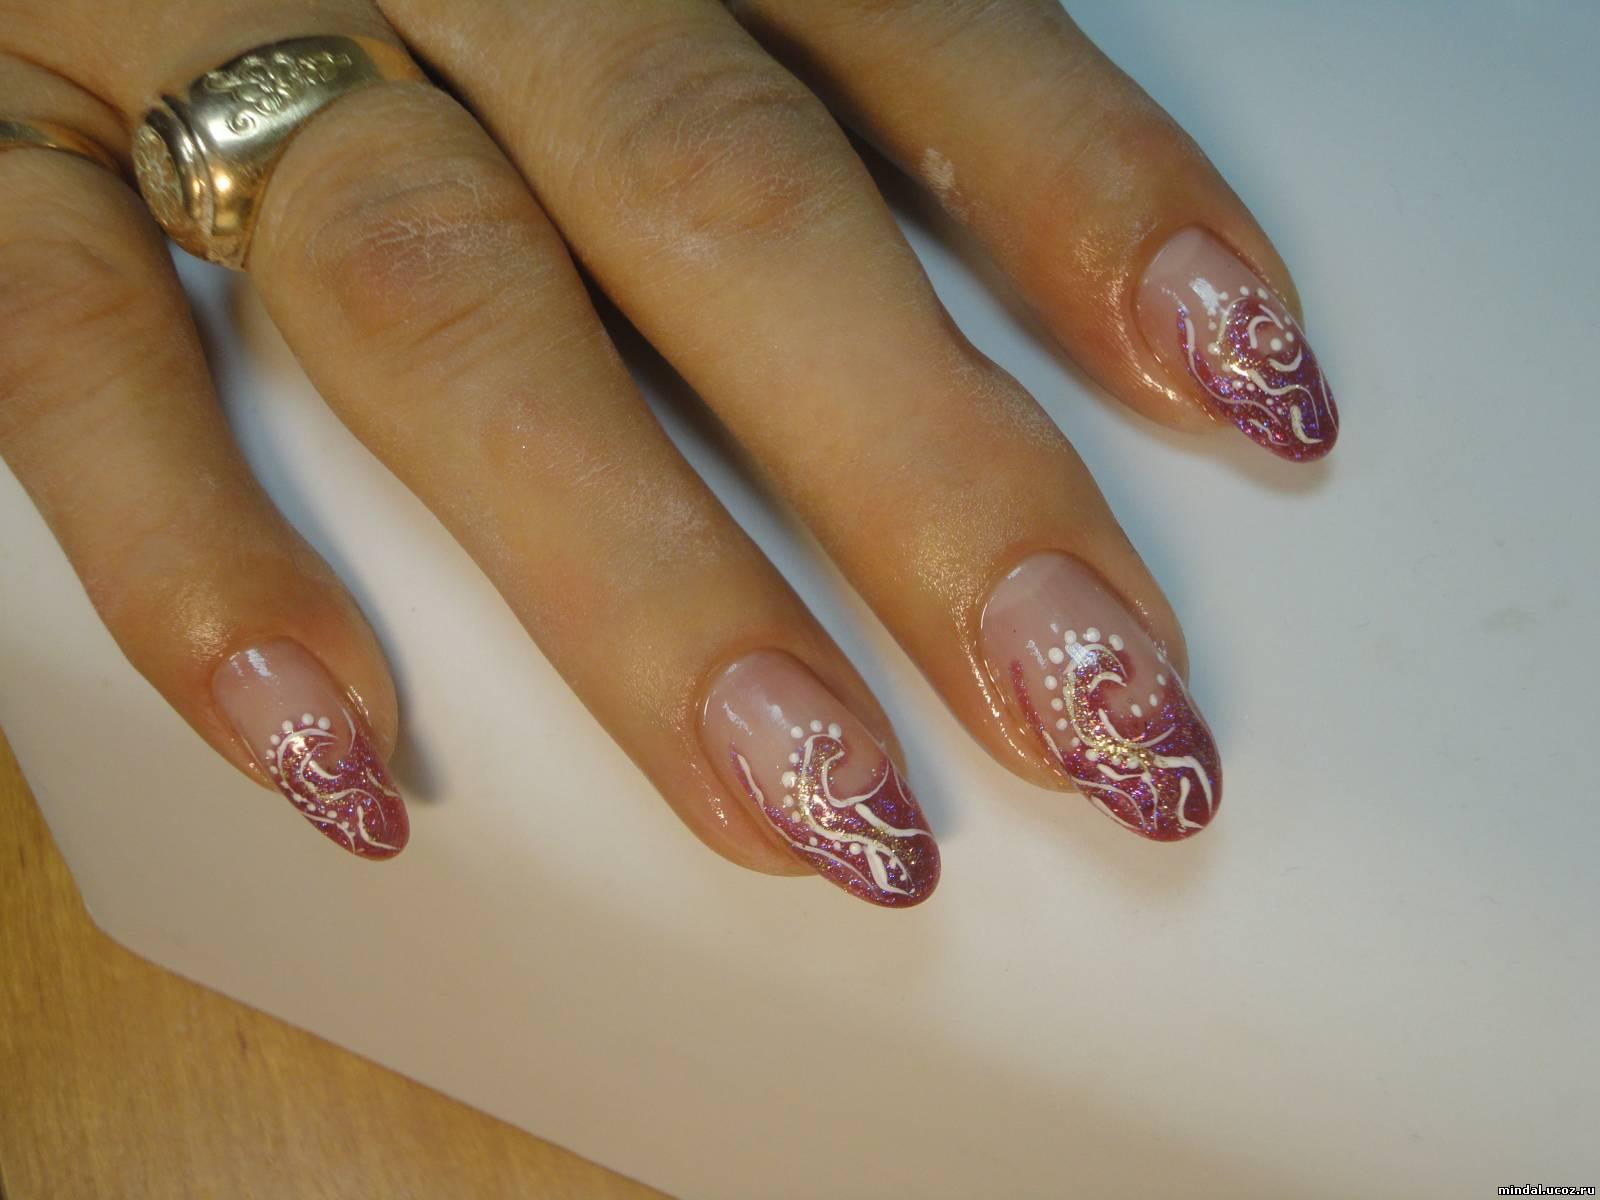 Фото форма ногтей с рисунками